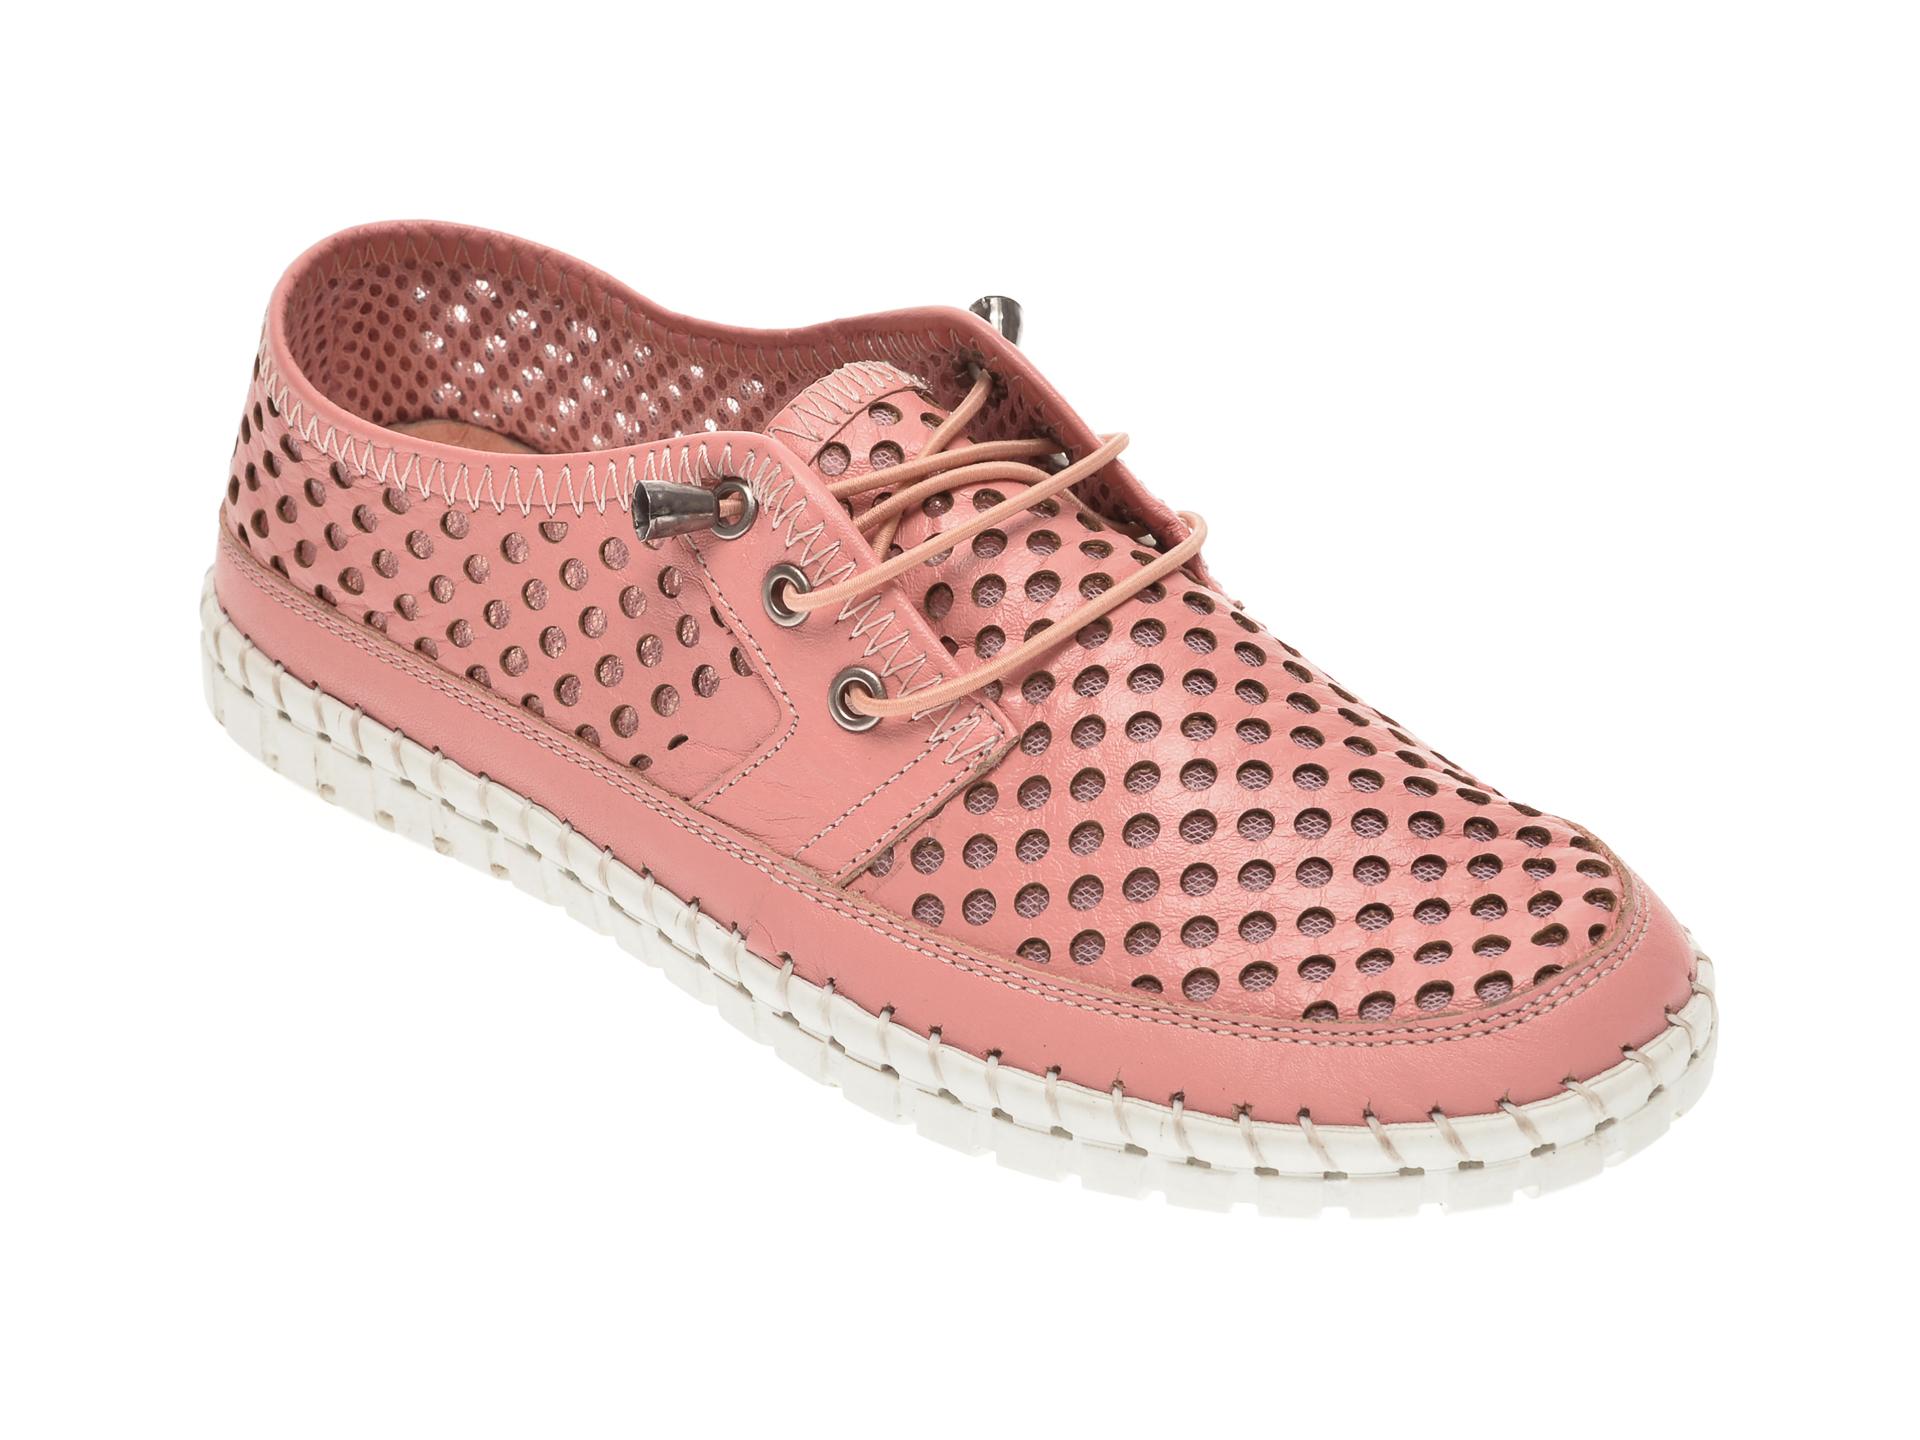 Pantofi PASS COLLECTION roz, 0590, din piele naturala